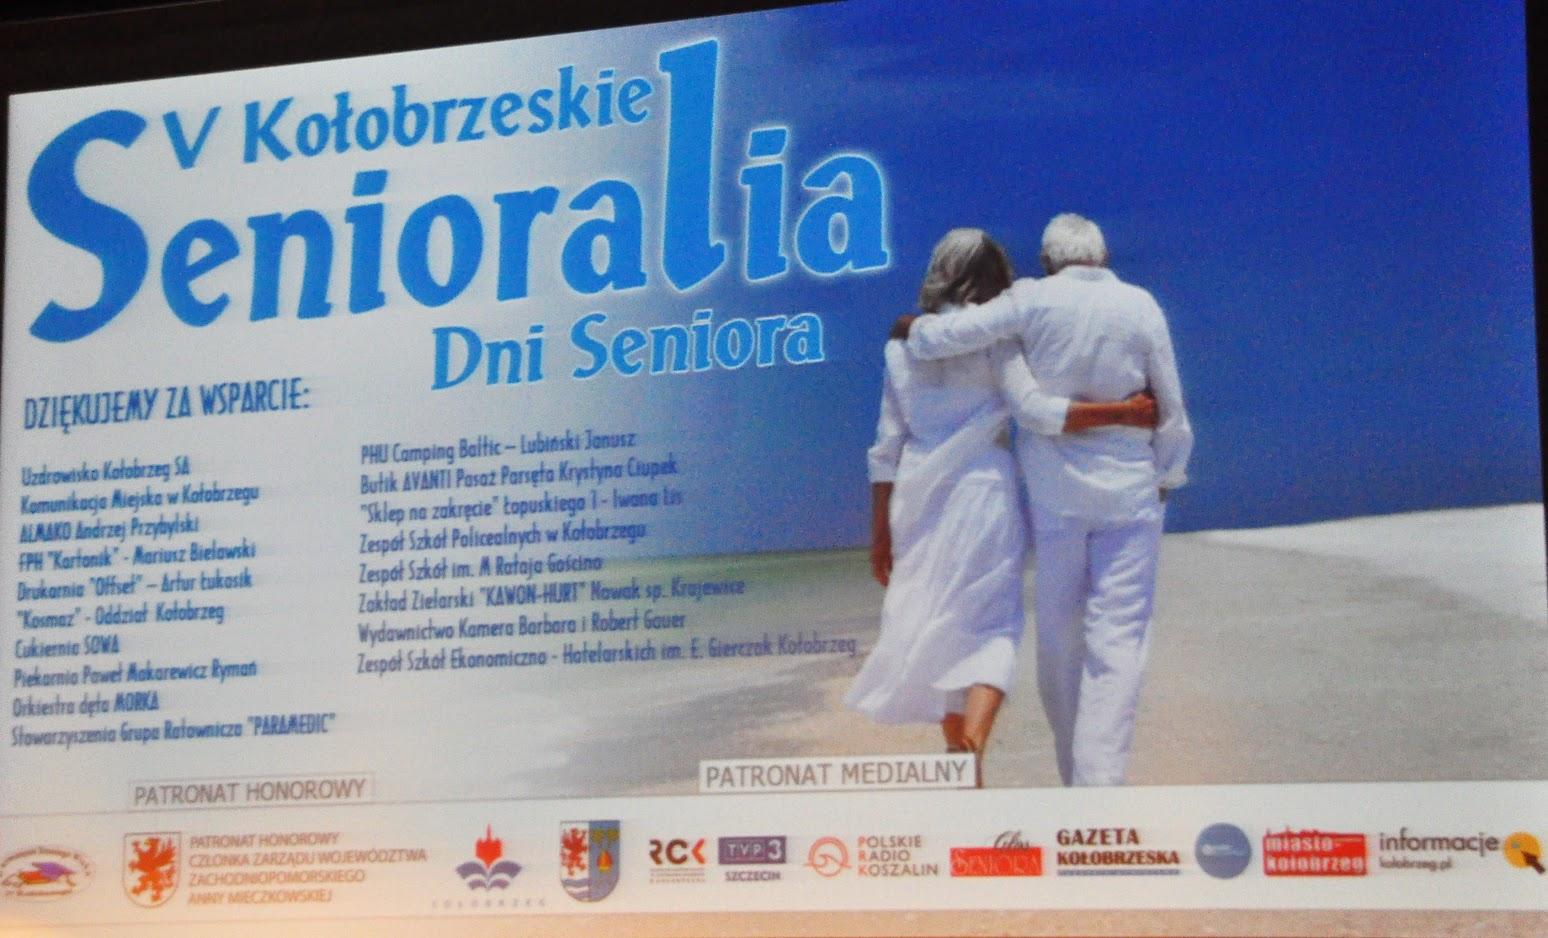 V Kołobrzeskie Senioralia - Dni Seniora